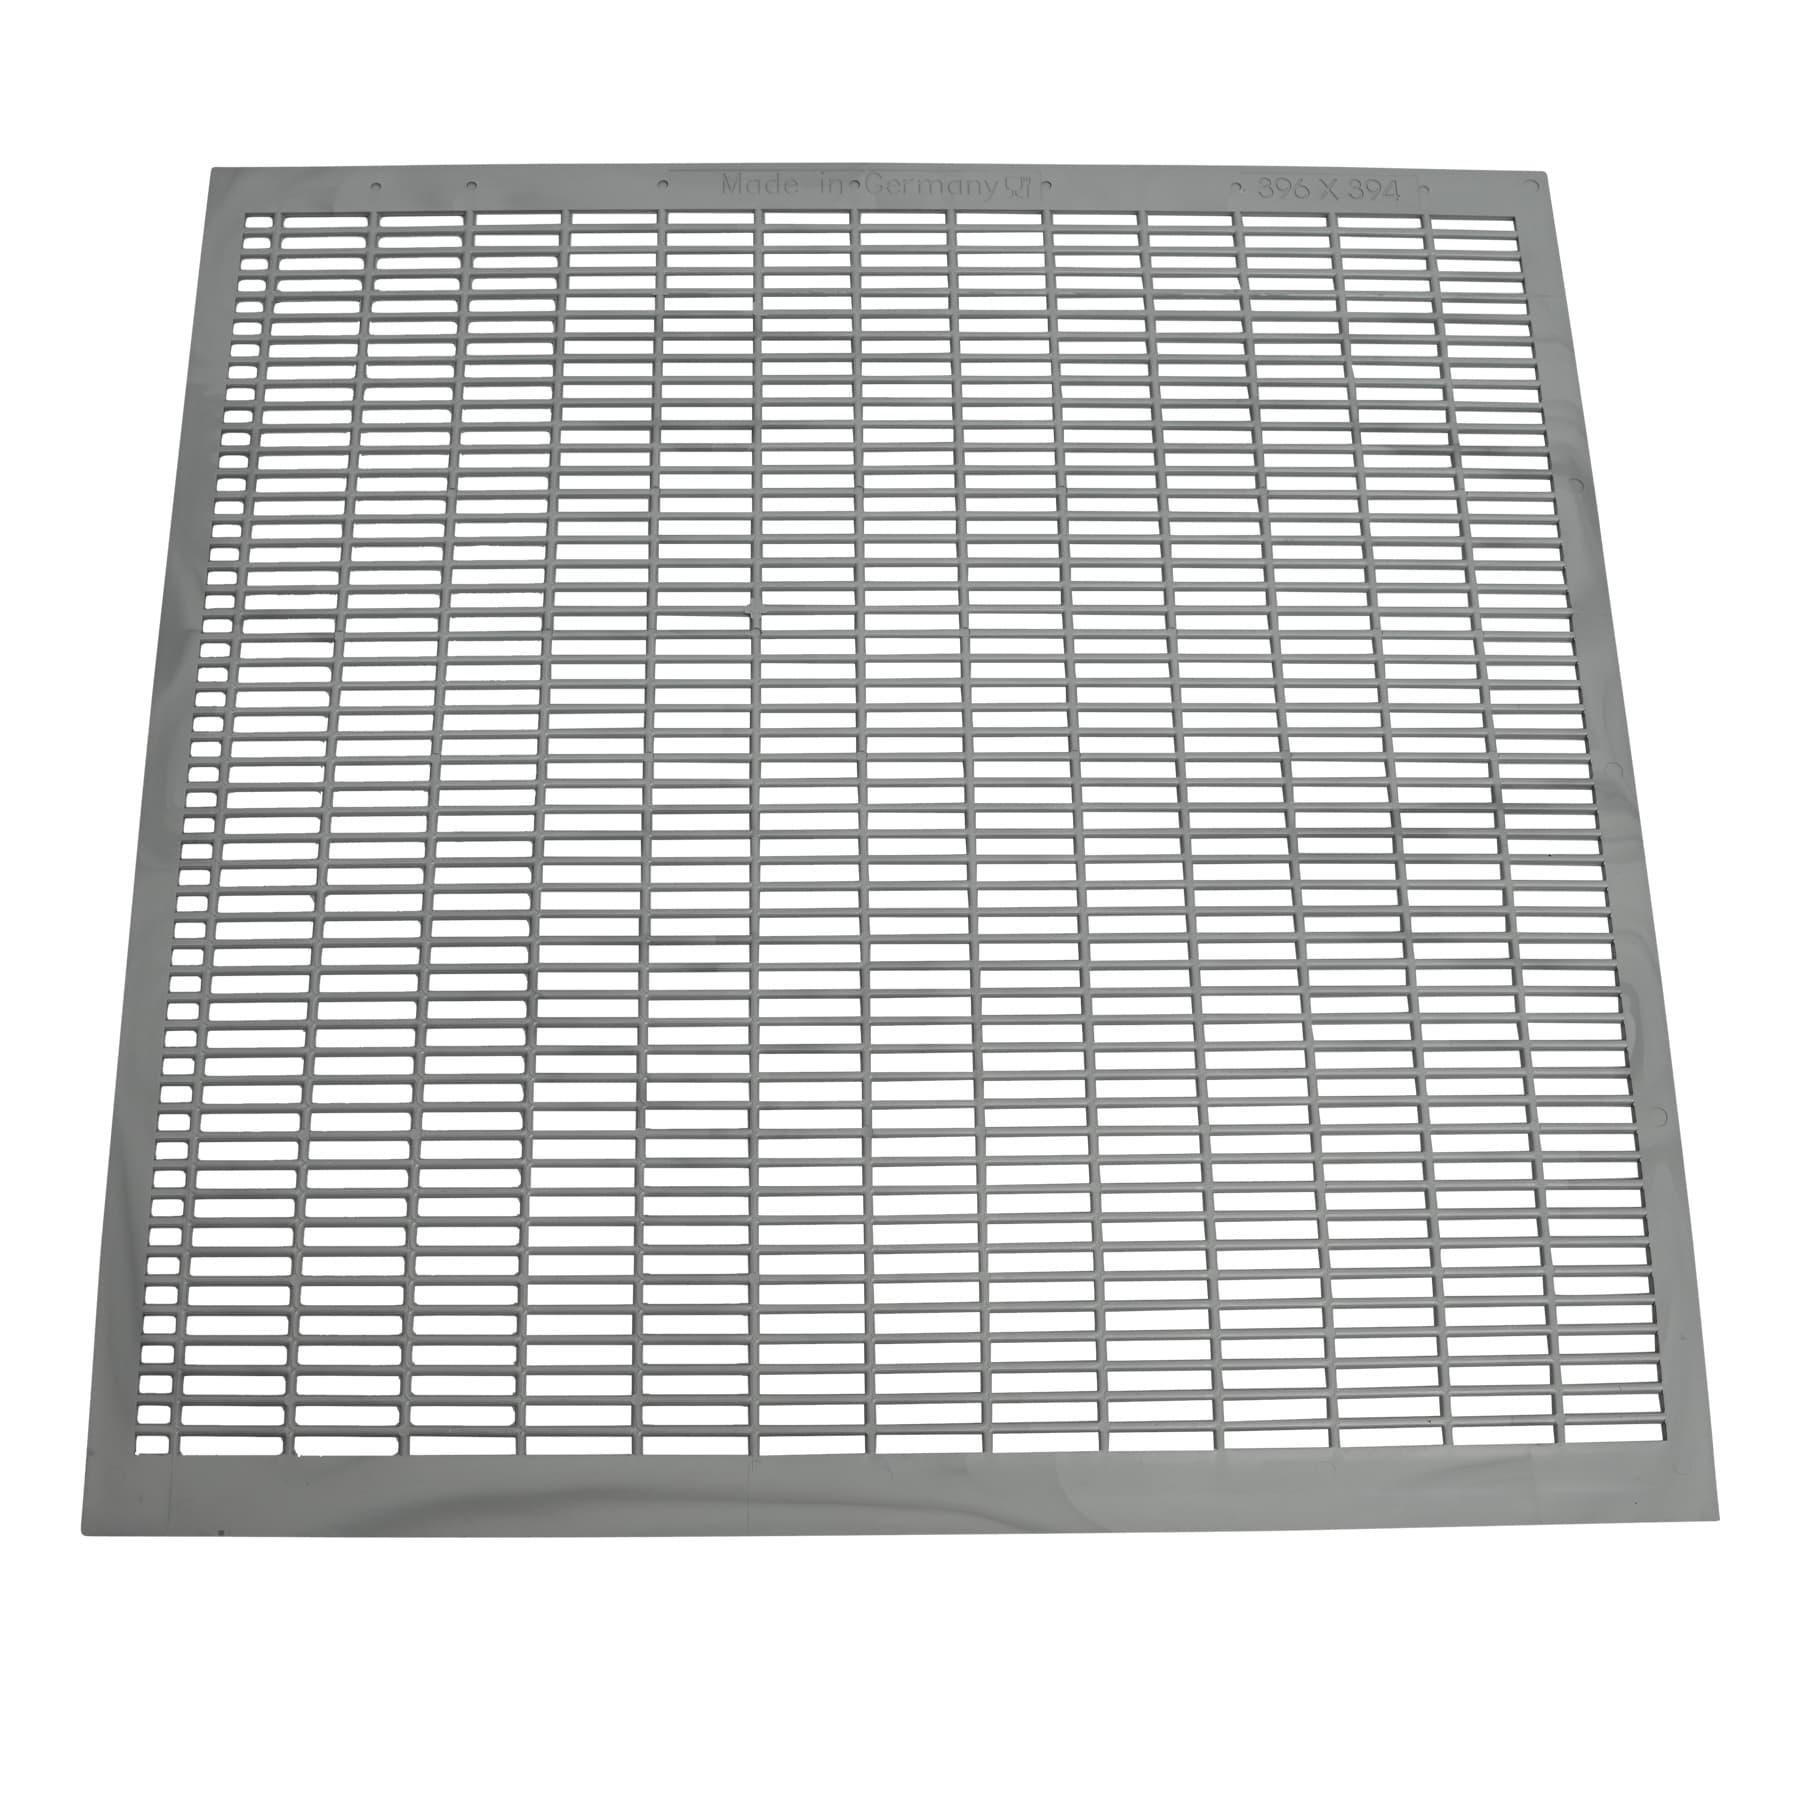 Absperrgitter Kunststoff, 396 x 394, 11W DN,  neue Ausführung, s